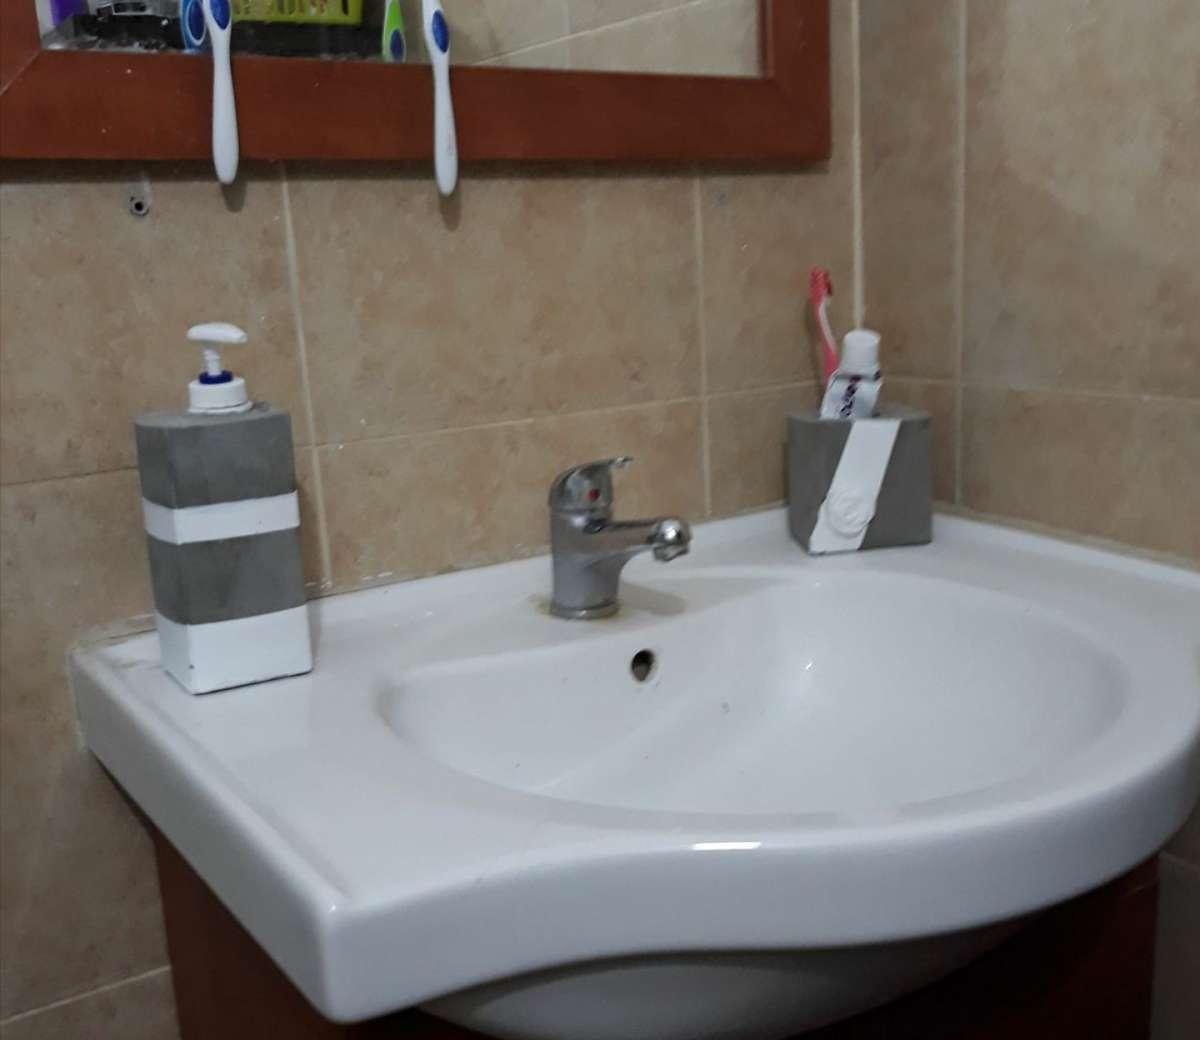 מתקן לסבון נוזלי, בית למברשות שיניים